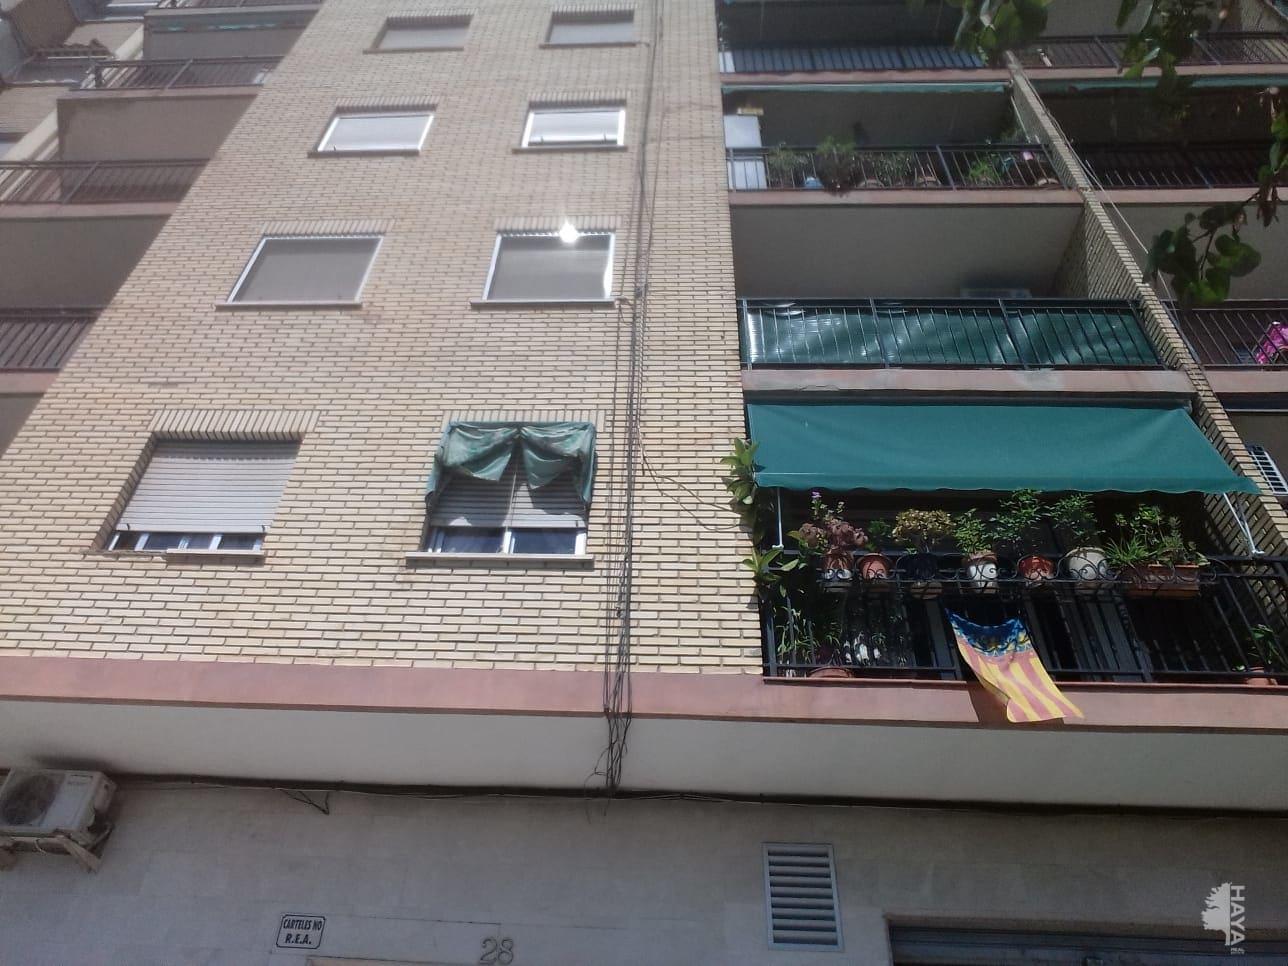 Piso en venta en Benicalap, Valencia, Valencia, Calle Monestir de Poblet, 170.925 €, 4 habitaciones, 2 baños, 129 m2